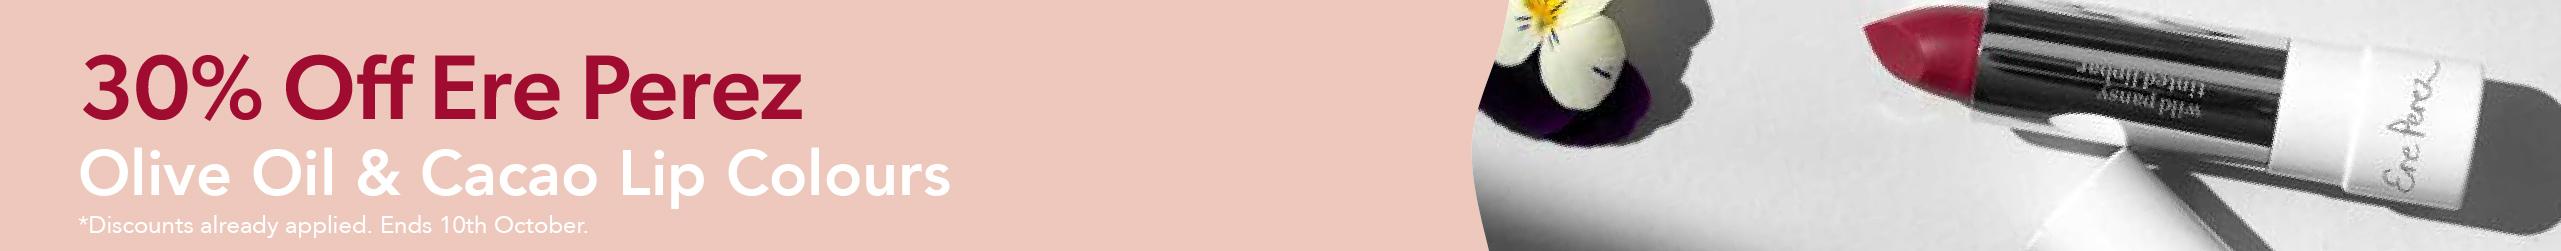 30% Off Ere Perez Lip Colours